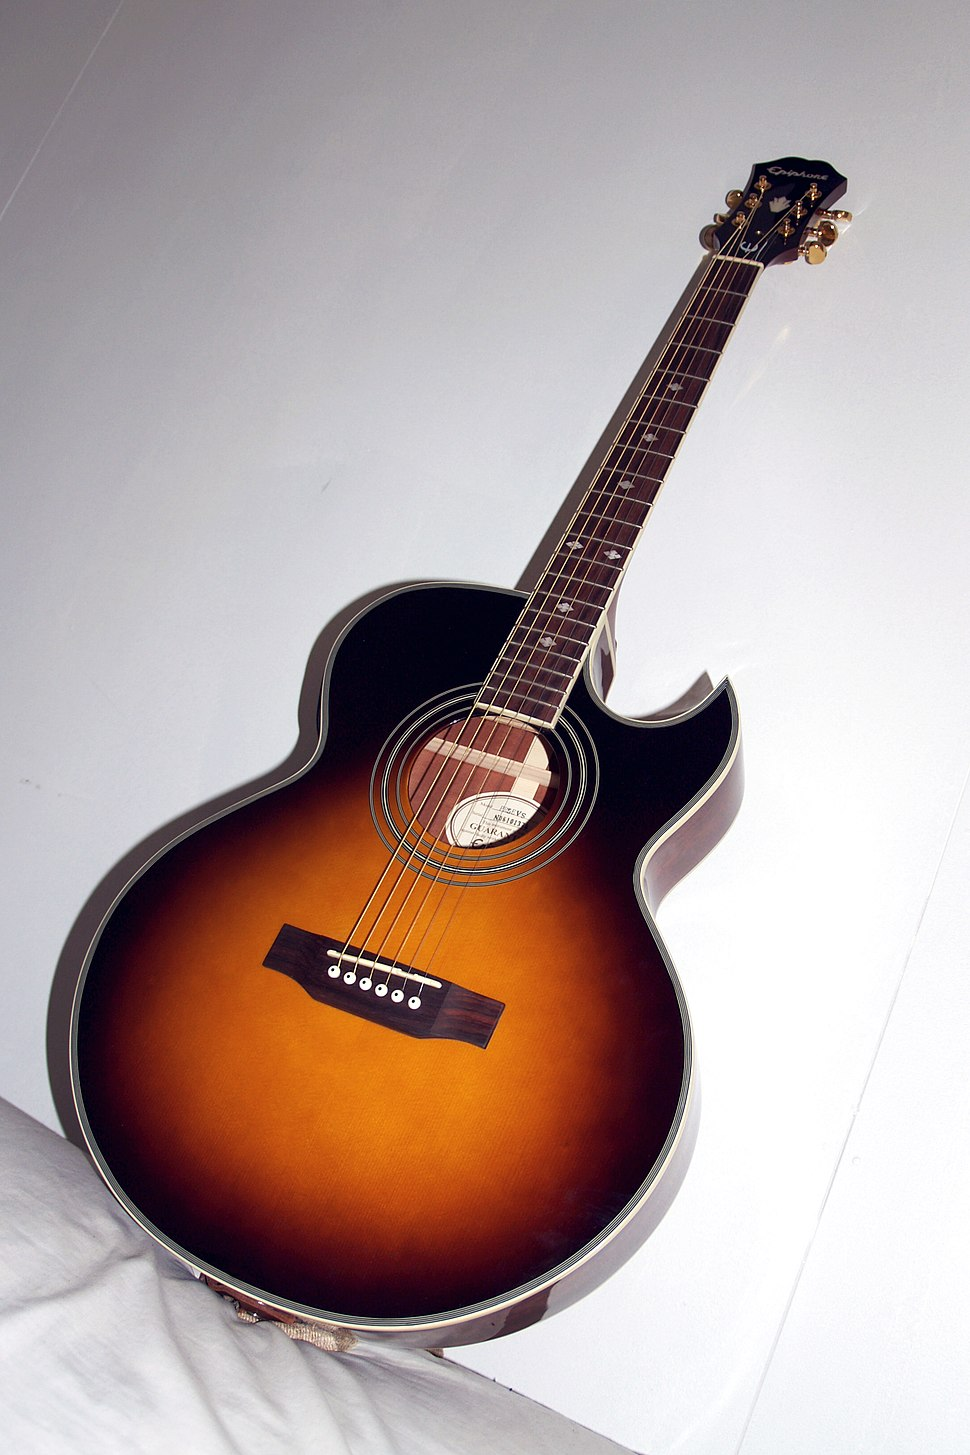 Epiphone PR-5E VS Cutaway Acoustic Electric Guitar (Vintage Sunburst)